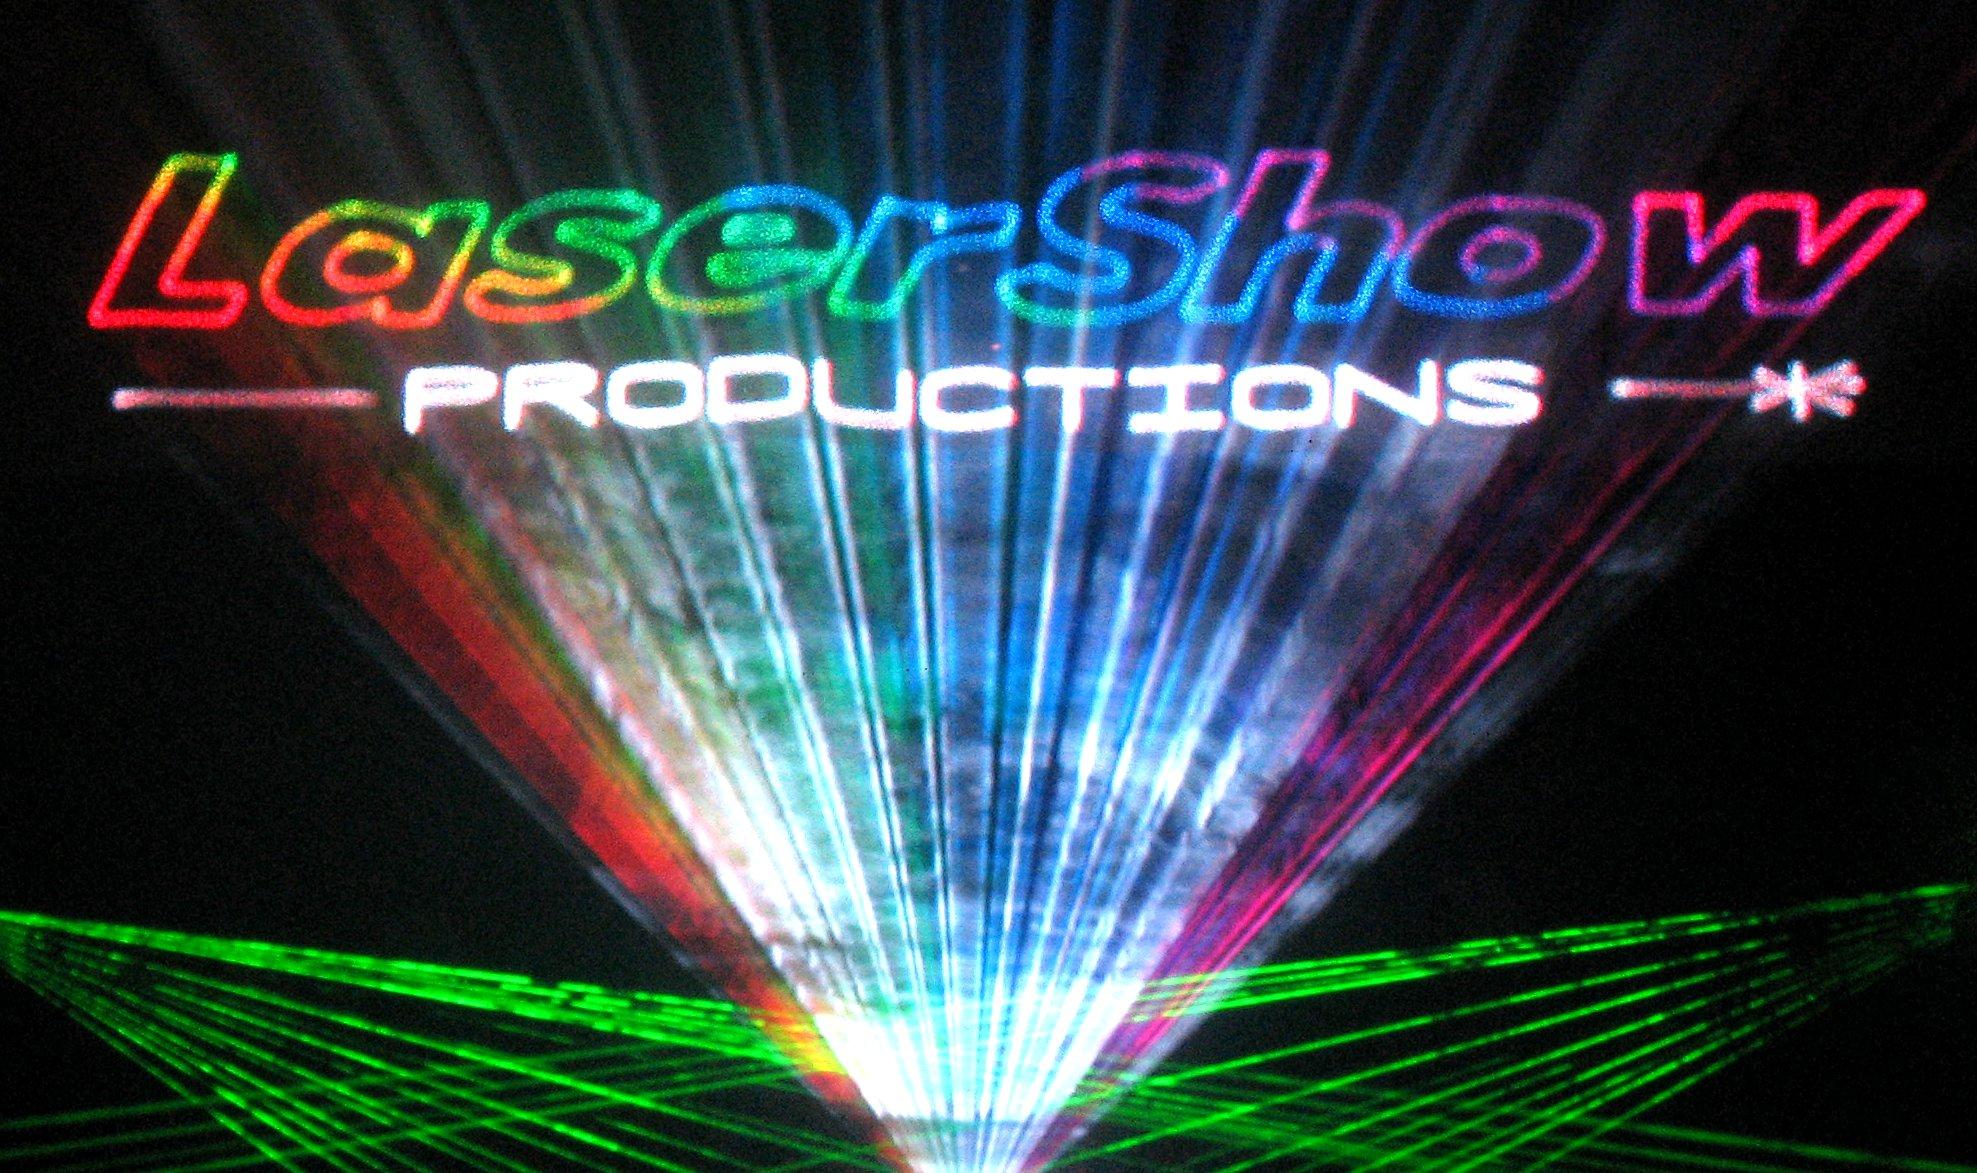 1 laser 1w (ecriture)